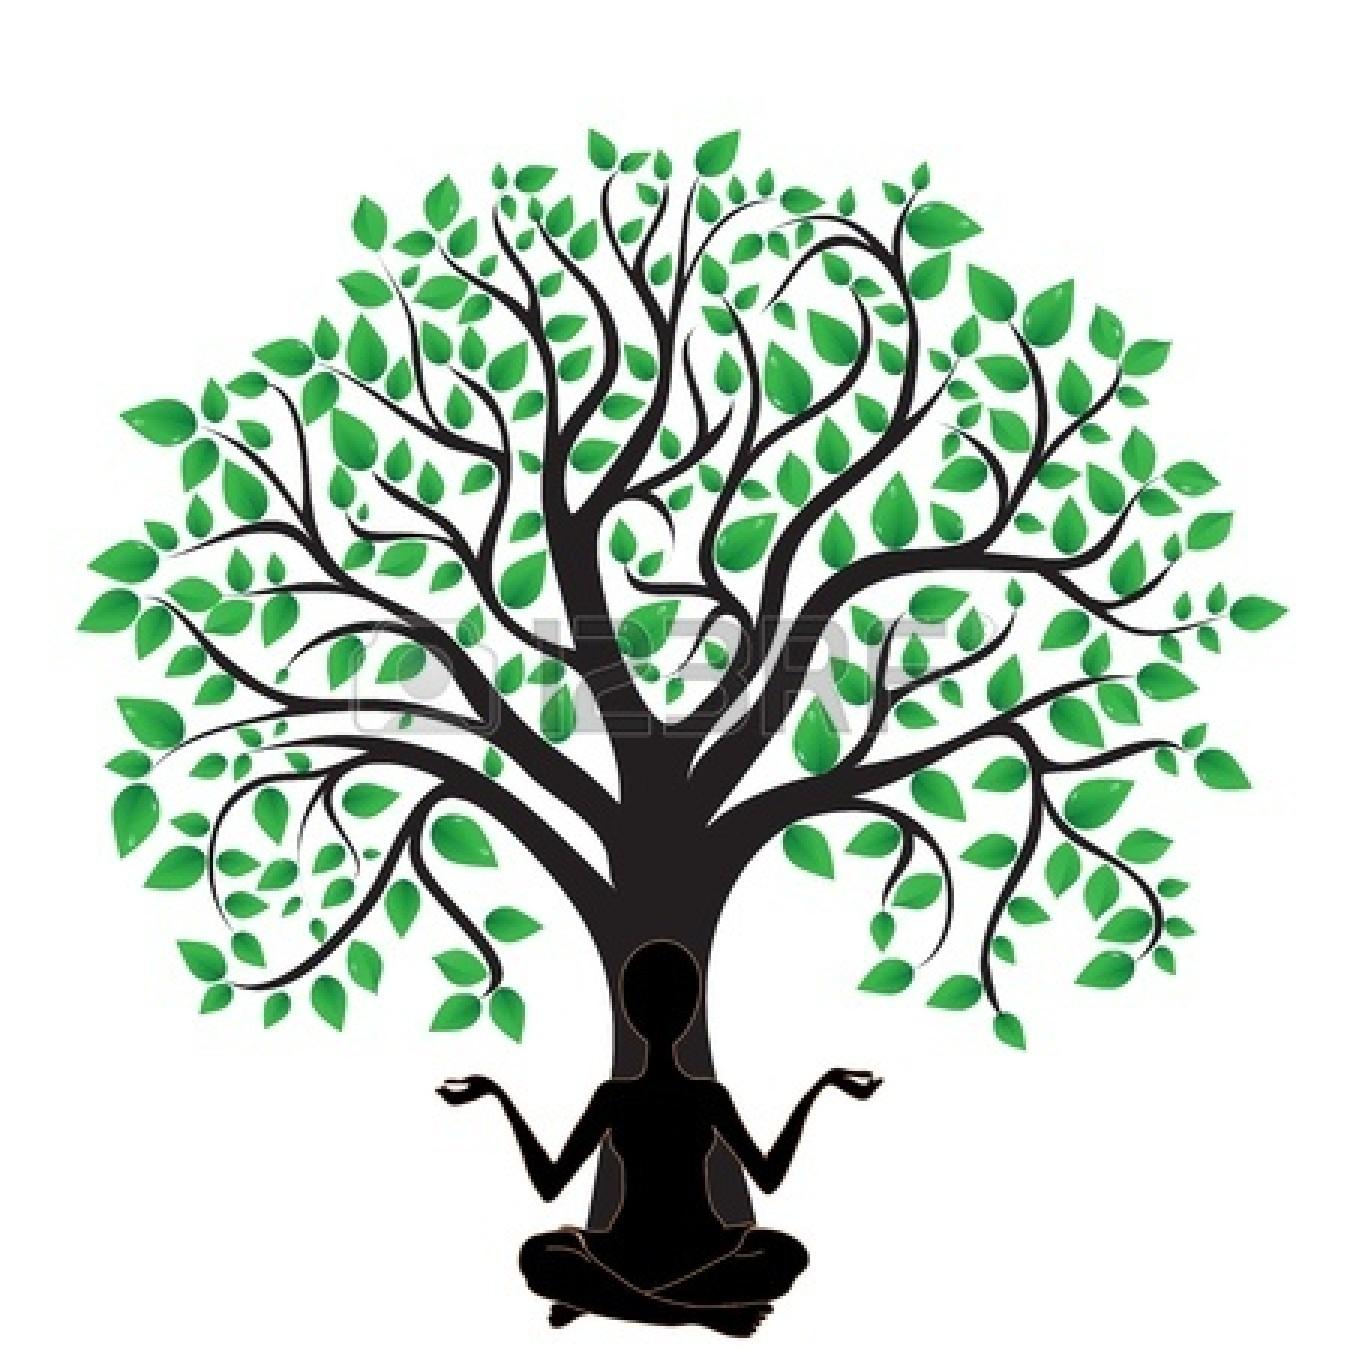 1350x1350 Free Oak Tree Silhouette Clip Art